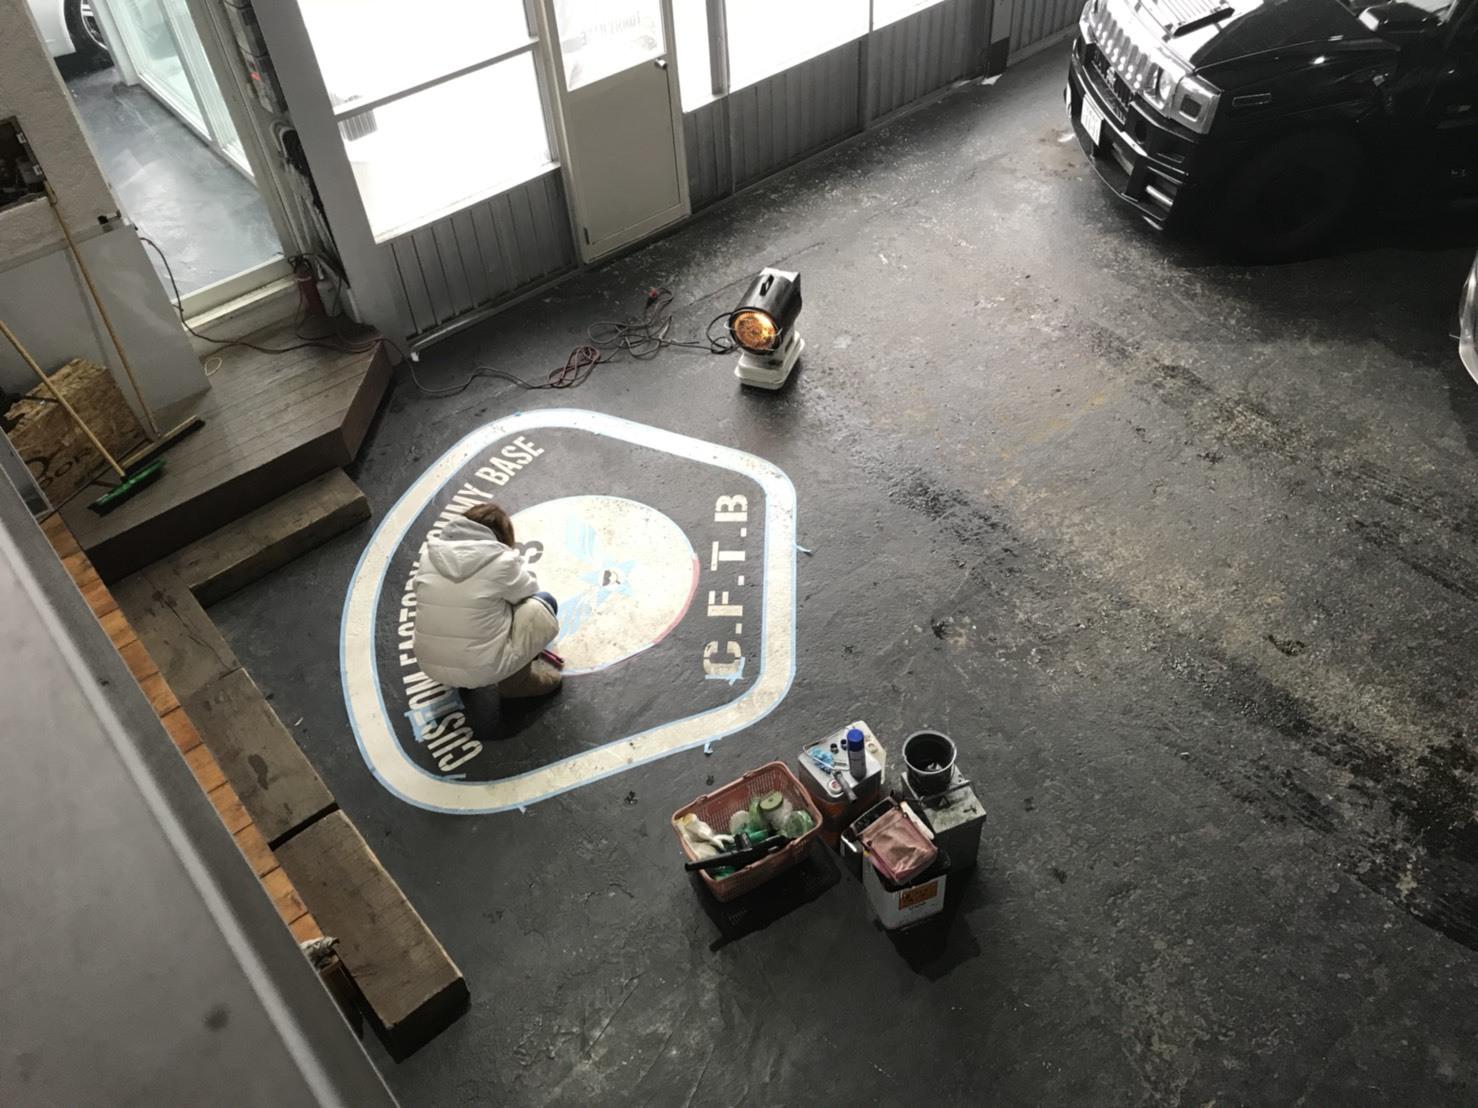 1月29日(月)トミーベース カスタムブログ☆新型ヴェルファイア LS460ご成約☆A様BMW納車☆_b0127002_11333617.jpg